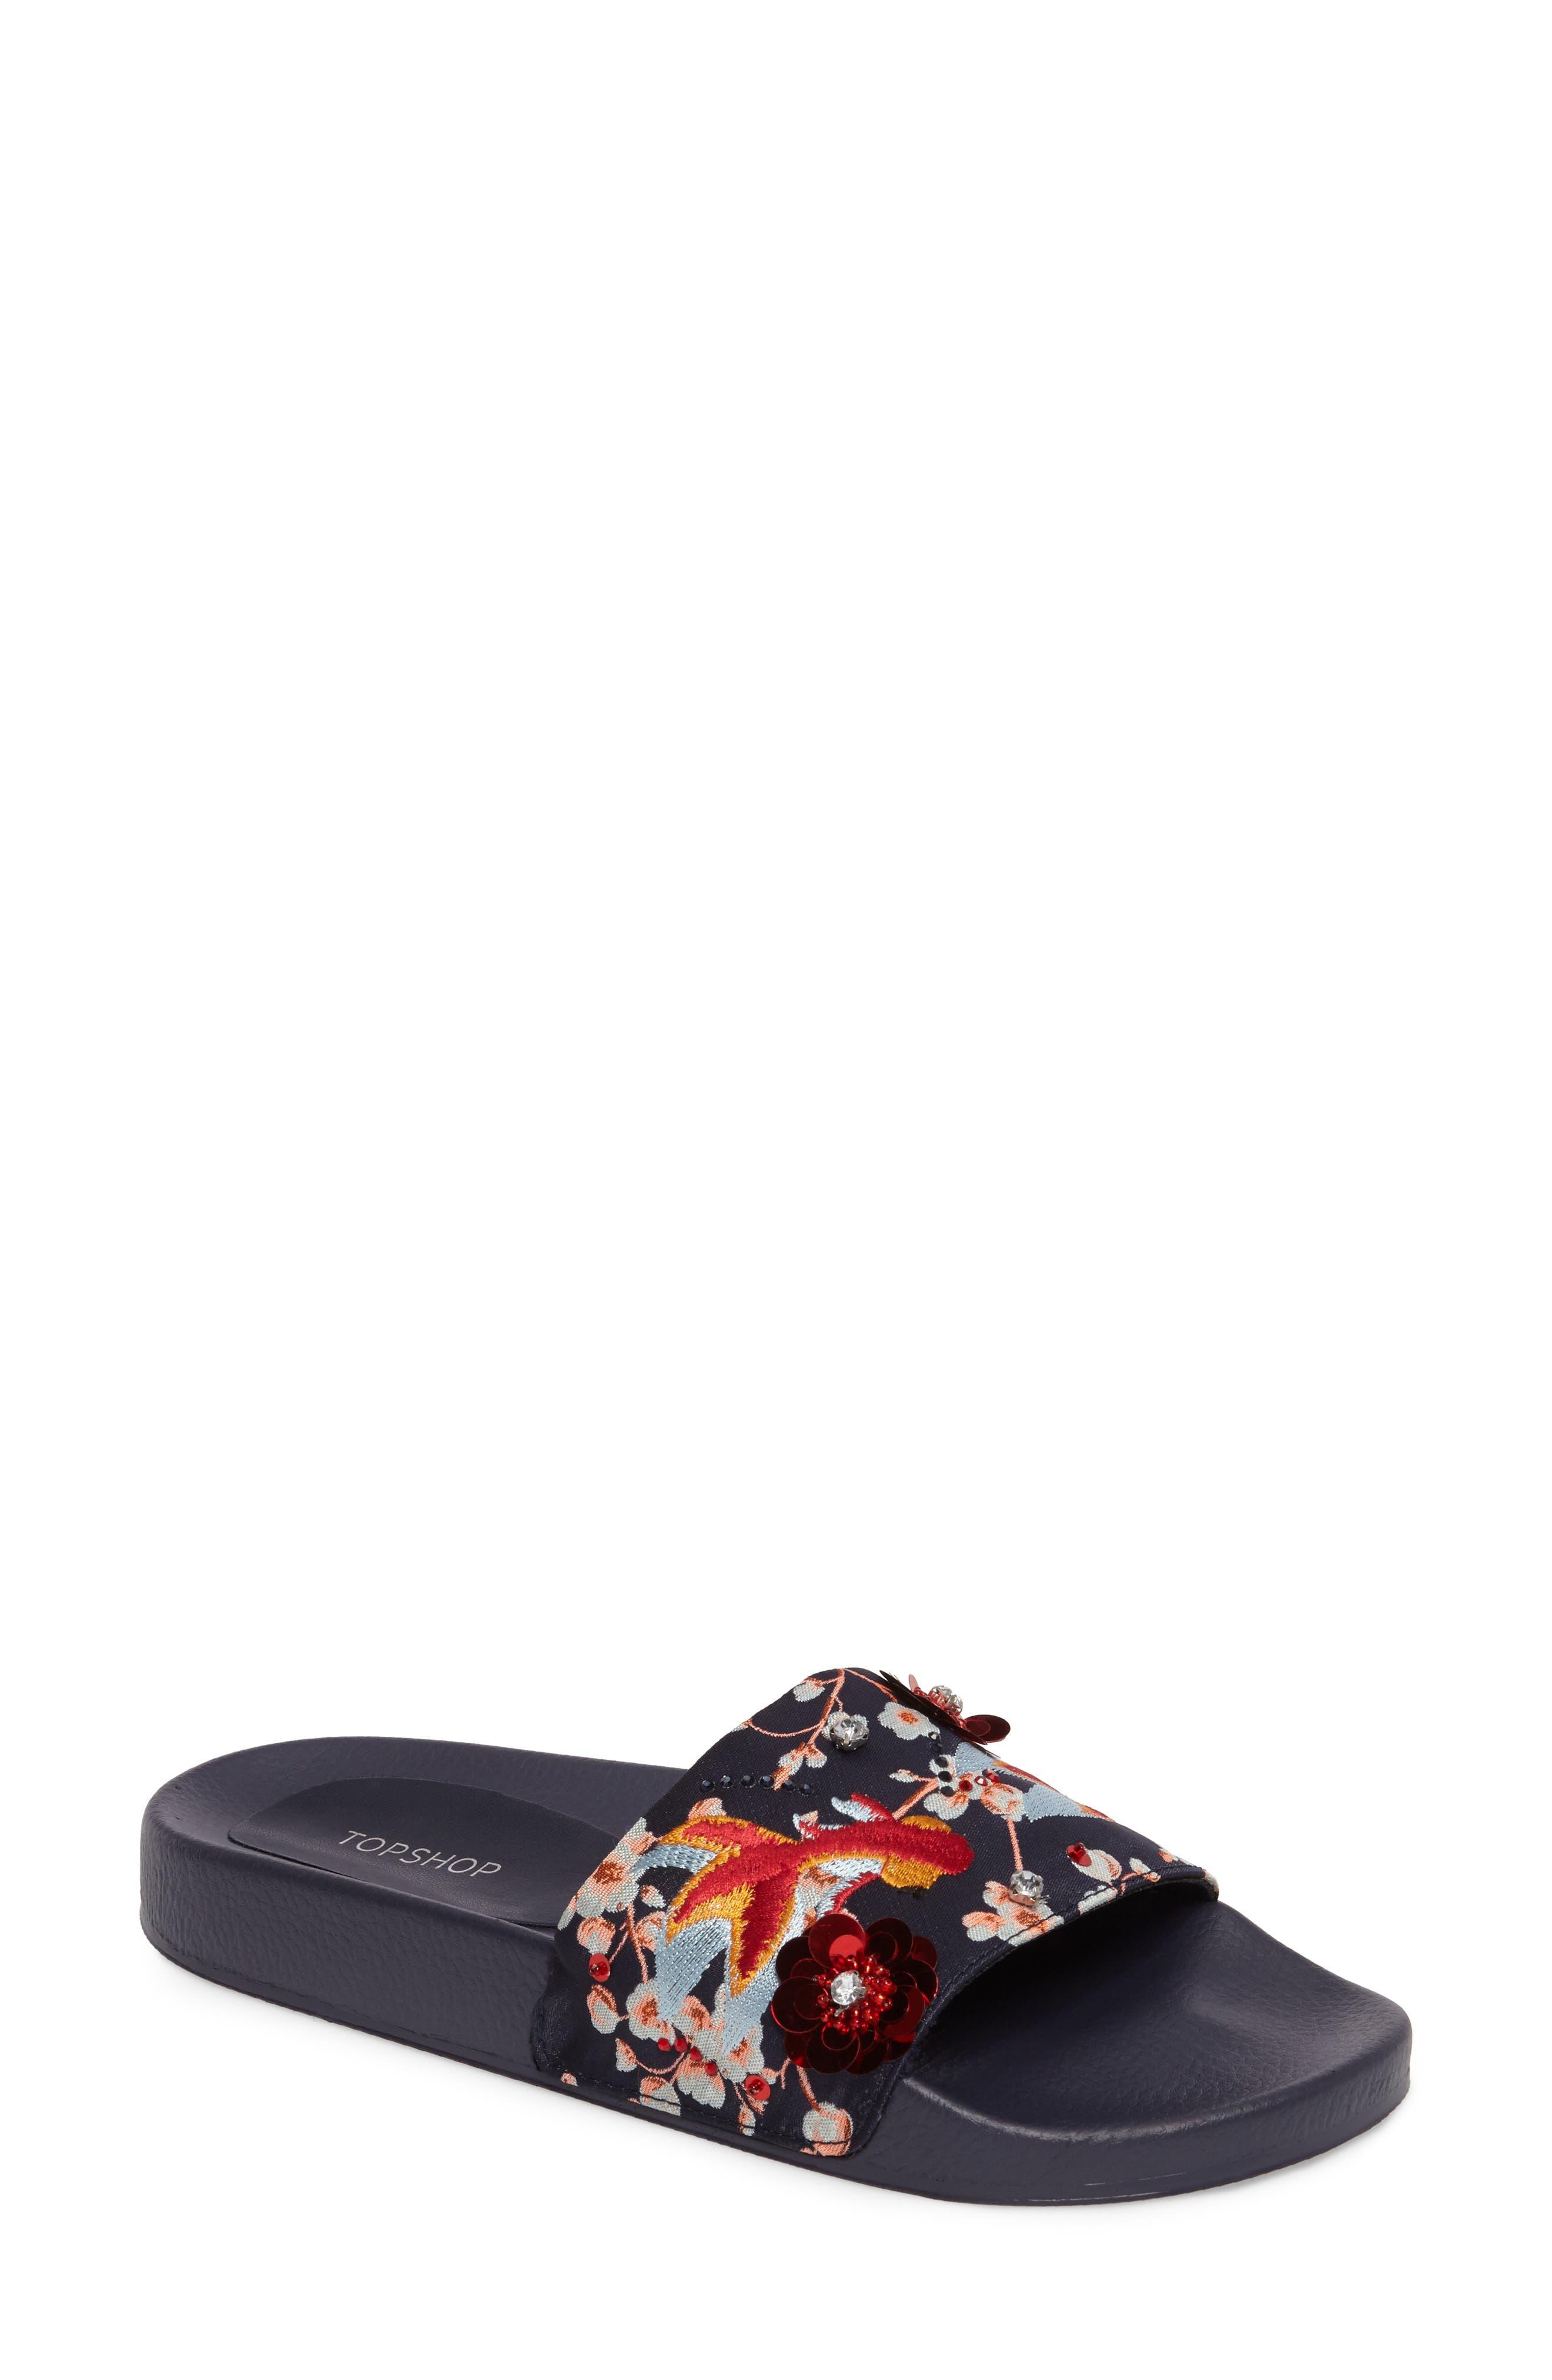 HERRING Goldfish Embellished Slide Sandal,                         Main,                         color,